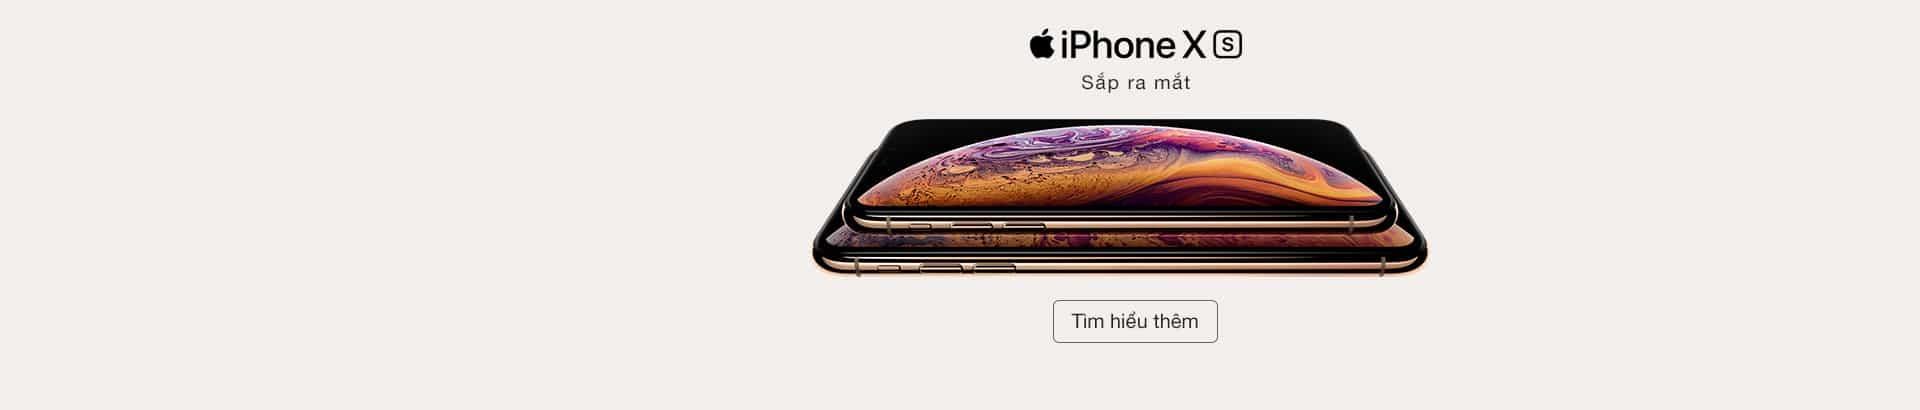 iPhone XS </br> Ưu đãi 4 triệu